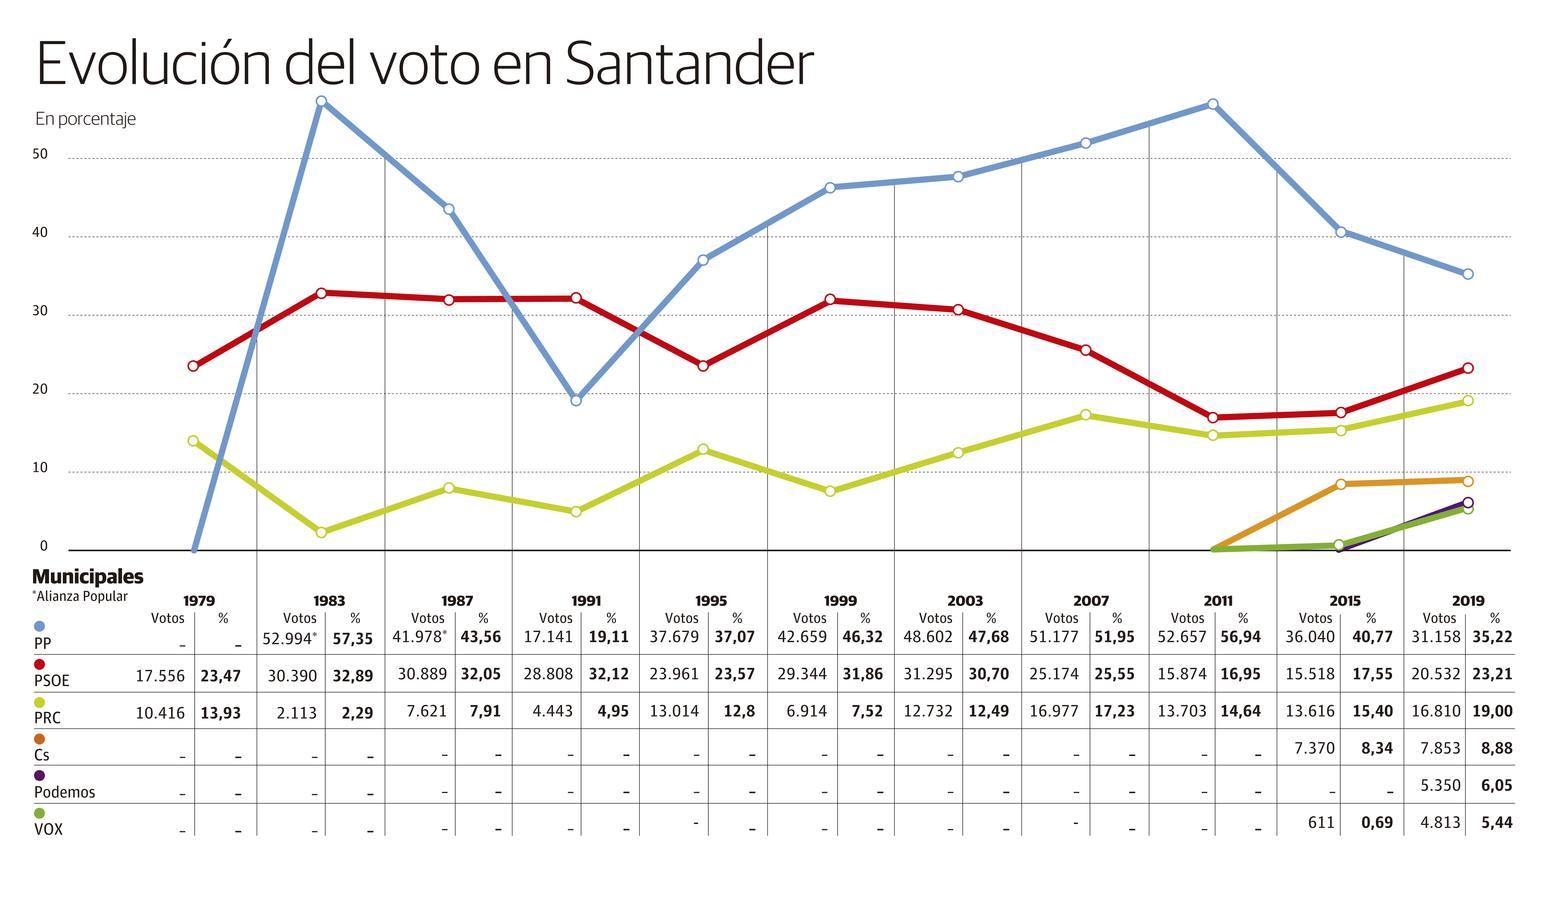 ¿Cómo se vota en Santander?